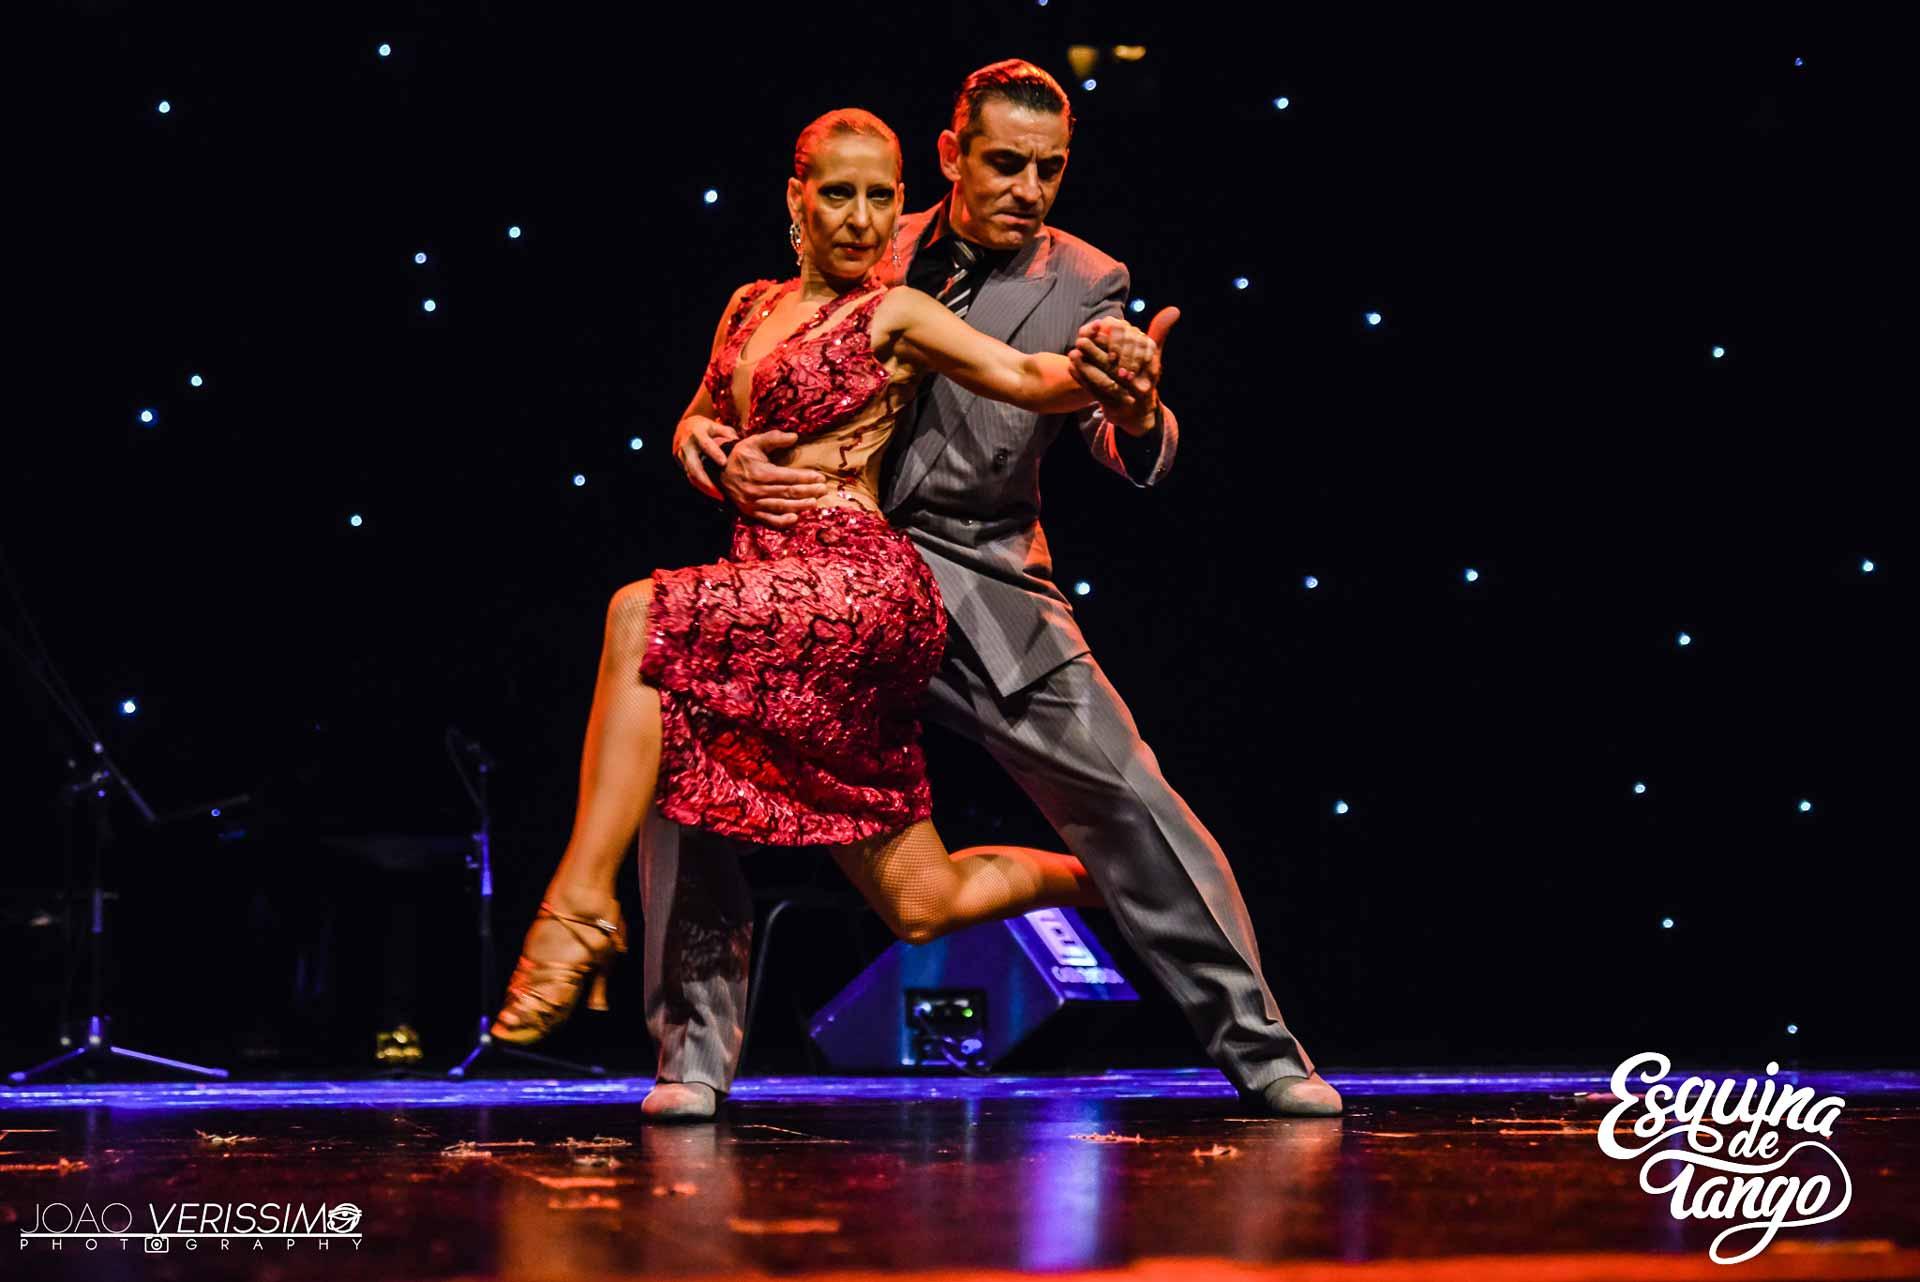 zalazar-mens-dance-shoes-Oscar-zalazar-tango-argentino-experiencia-esquina-de-tango-buenos-aires-gris-gray-gancho-sued-gamuza-cinza-estilo-voleo-hombre-mejor-zapatos-de-baile-para-hombre-best-mens-dance-shoes-sapatos-danca-homem